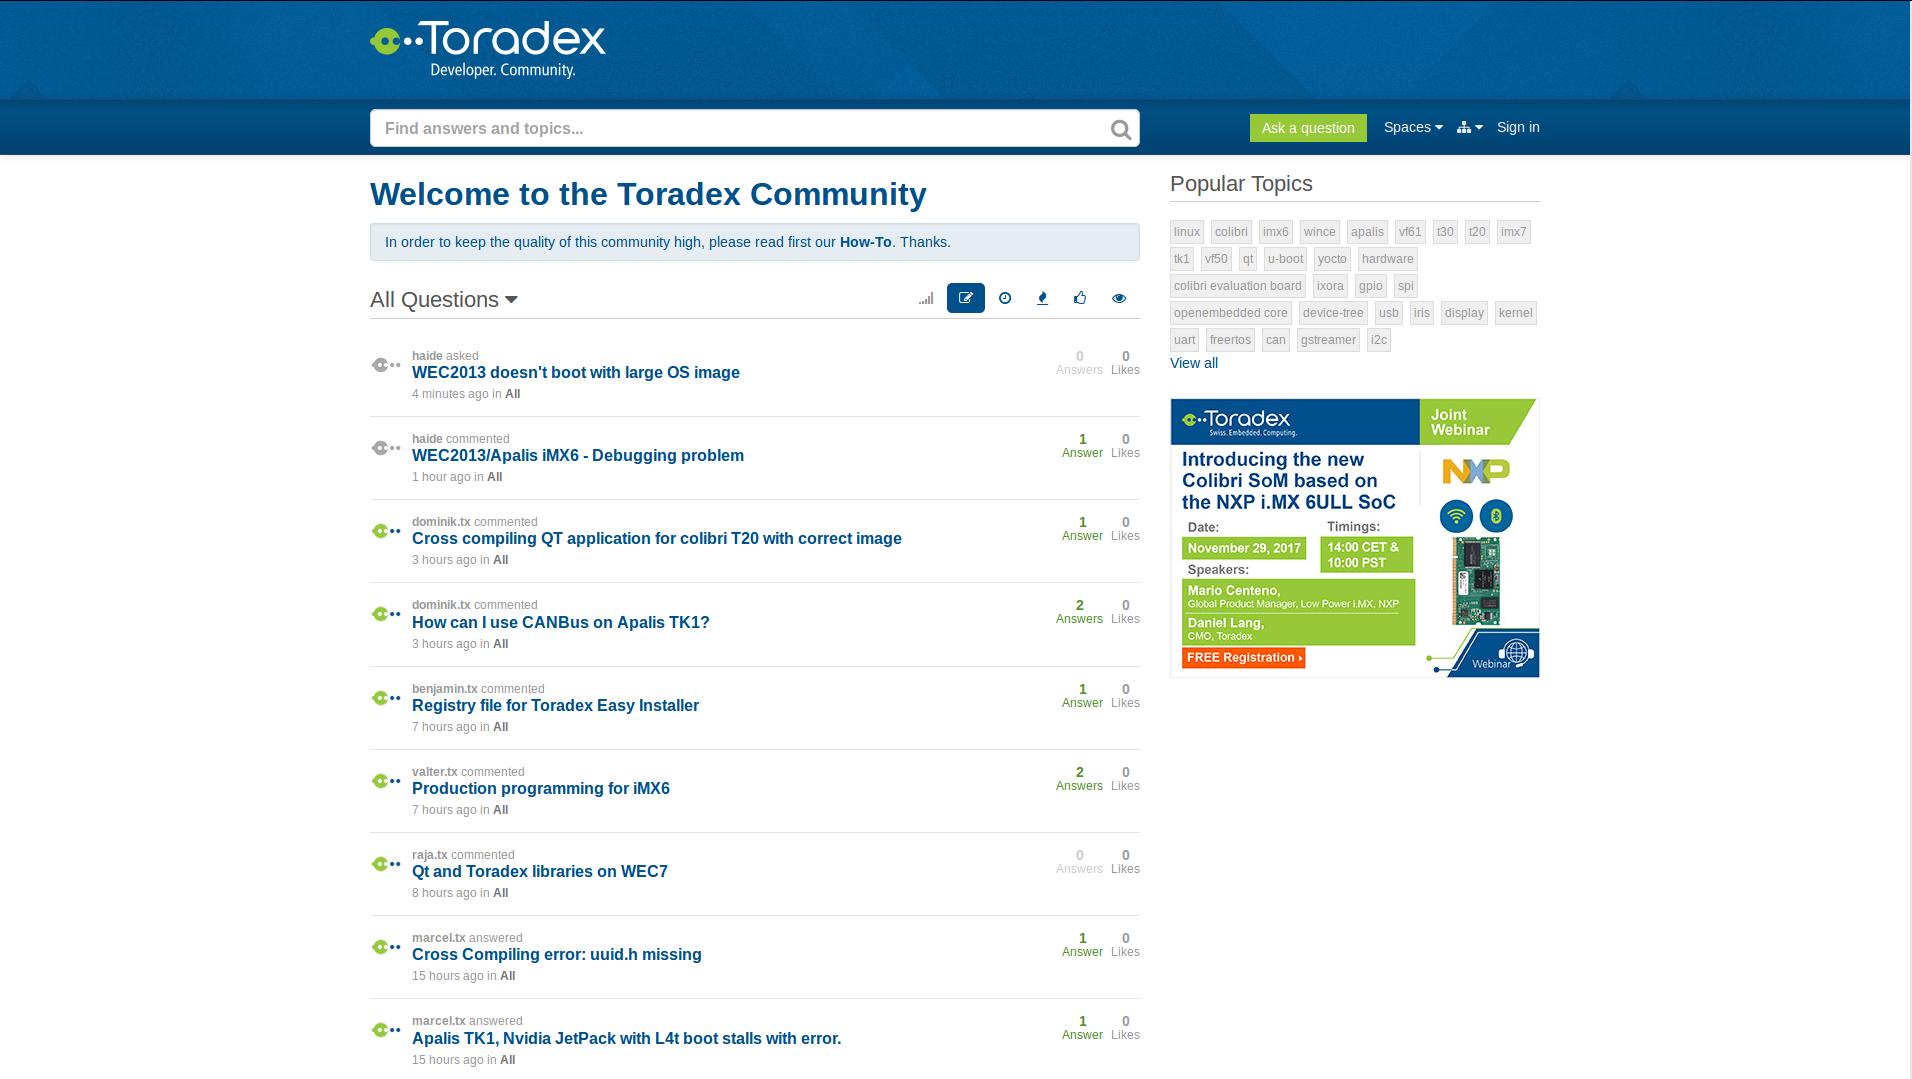 Toradex Community